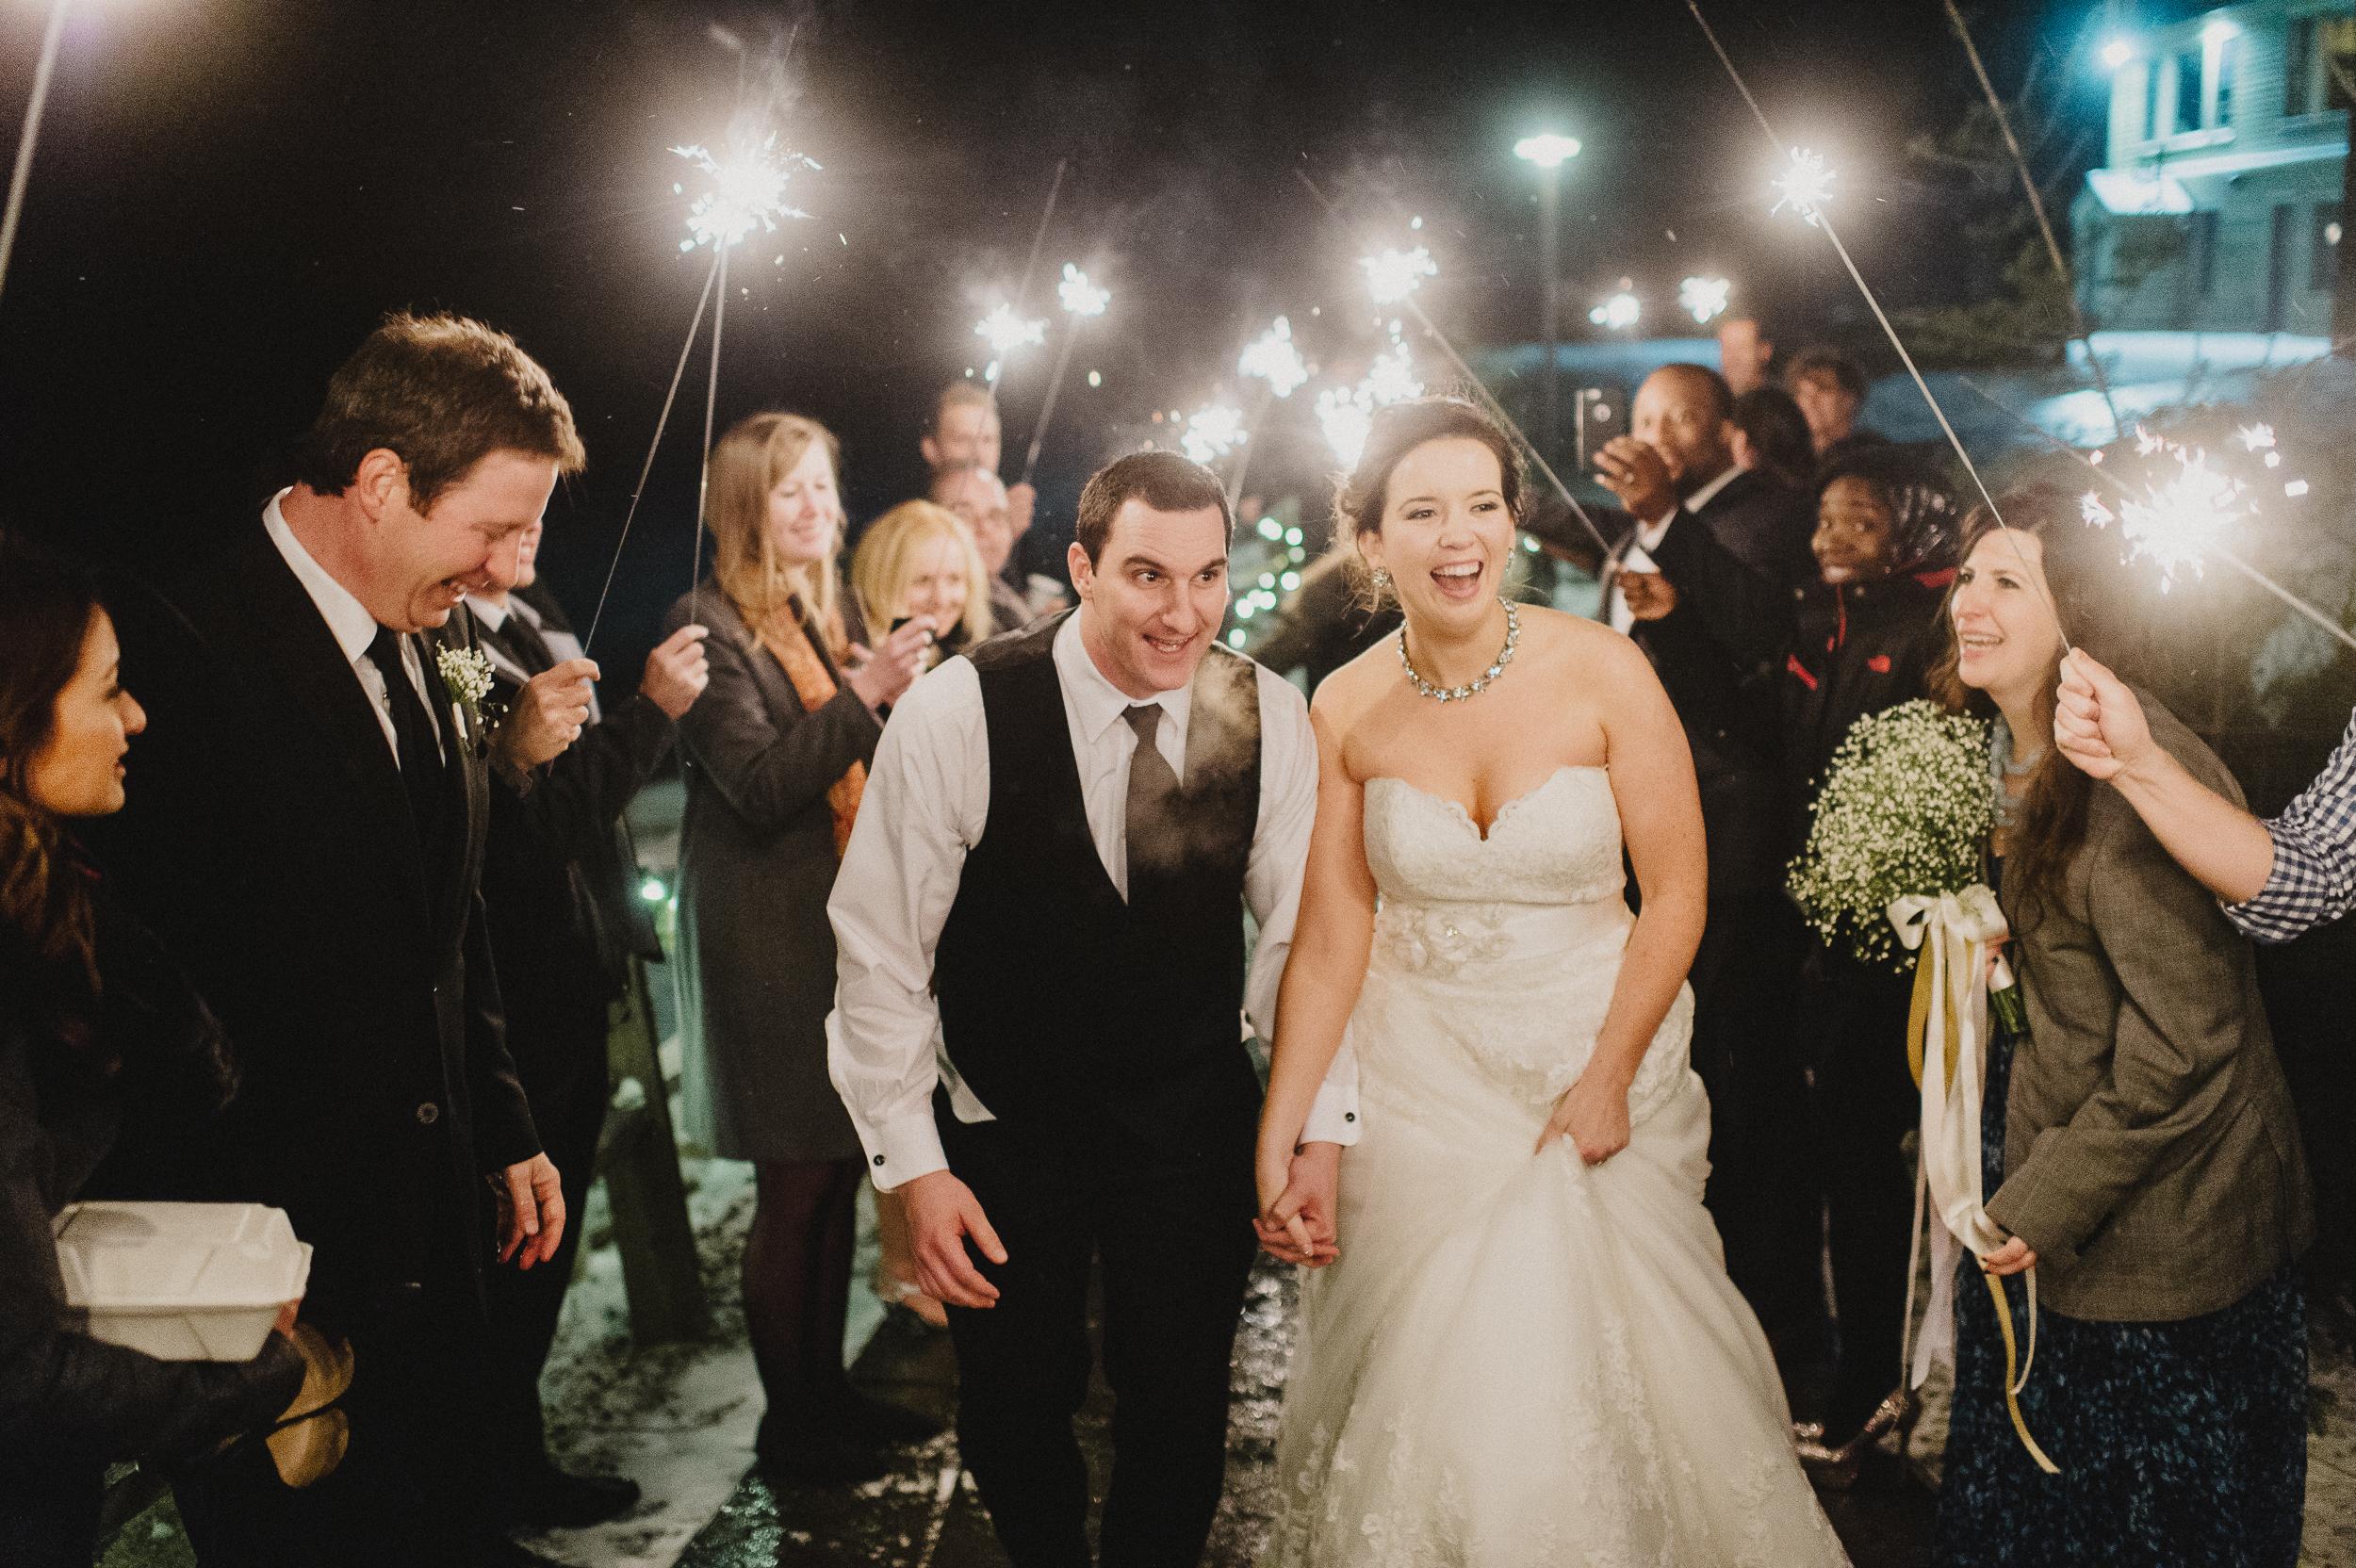 vermont-destination-wedding-photographer-79.jpg